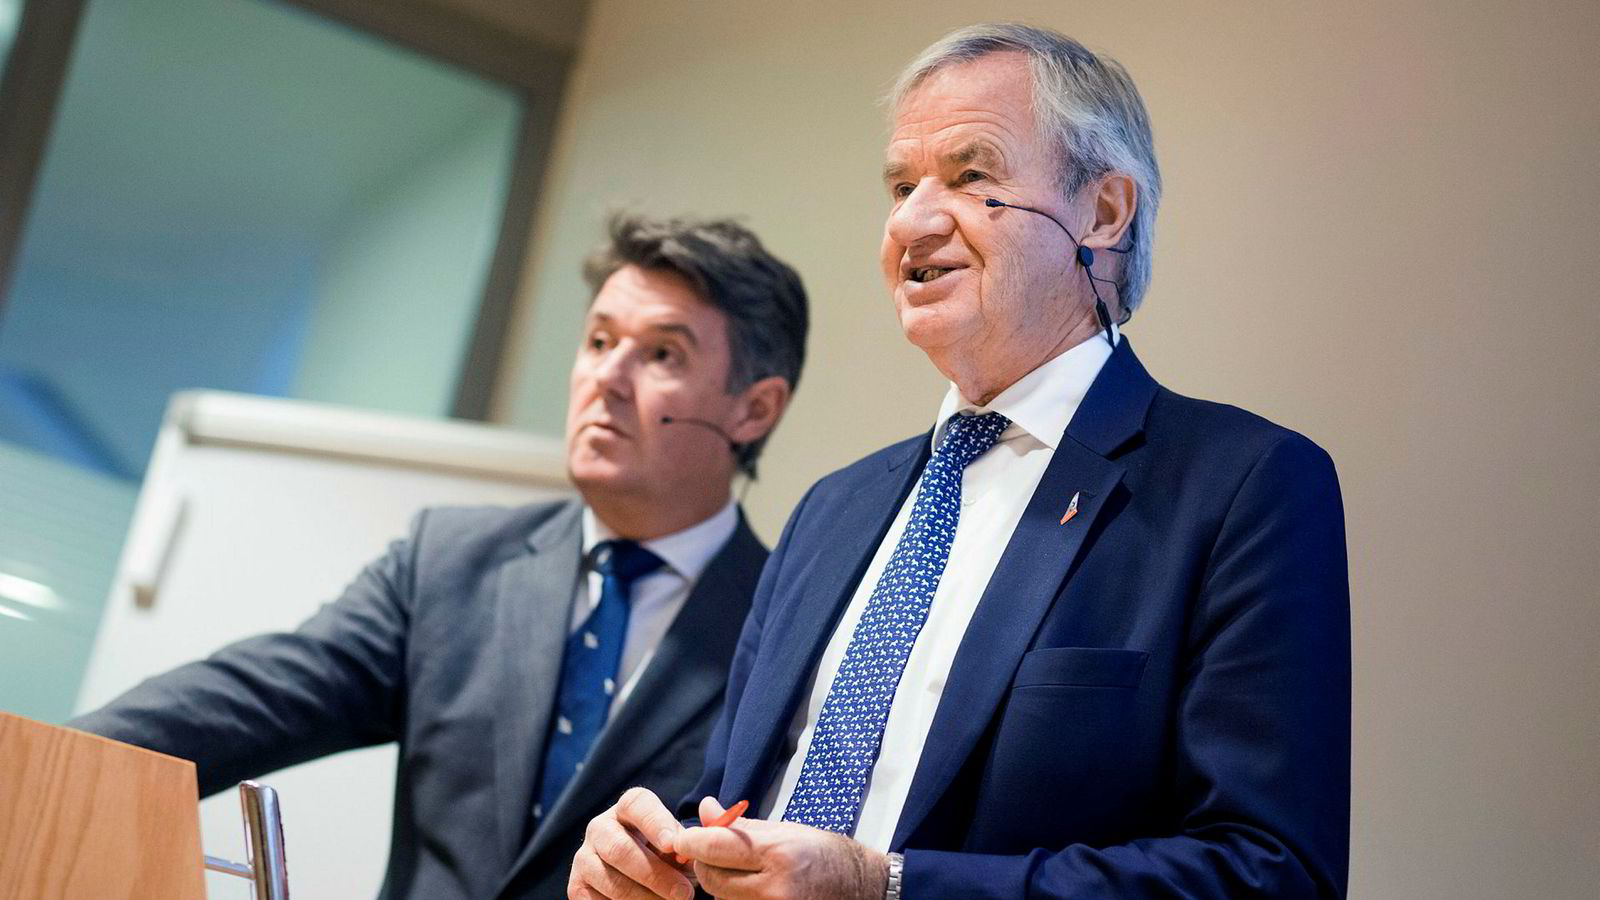 Norwegian-sjef Bjørn Kjos (t.h.) og finansdirektør Geir Karlsen, her i forbindelse med en tidligere kvartalspresentasjon.